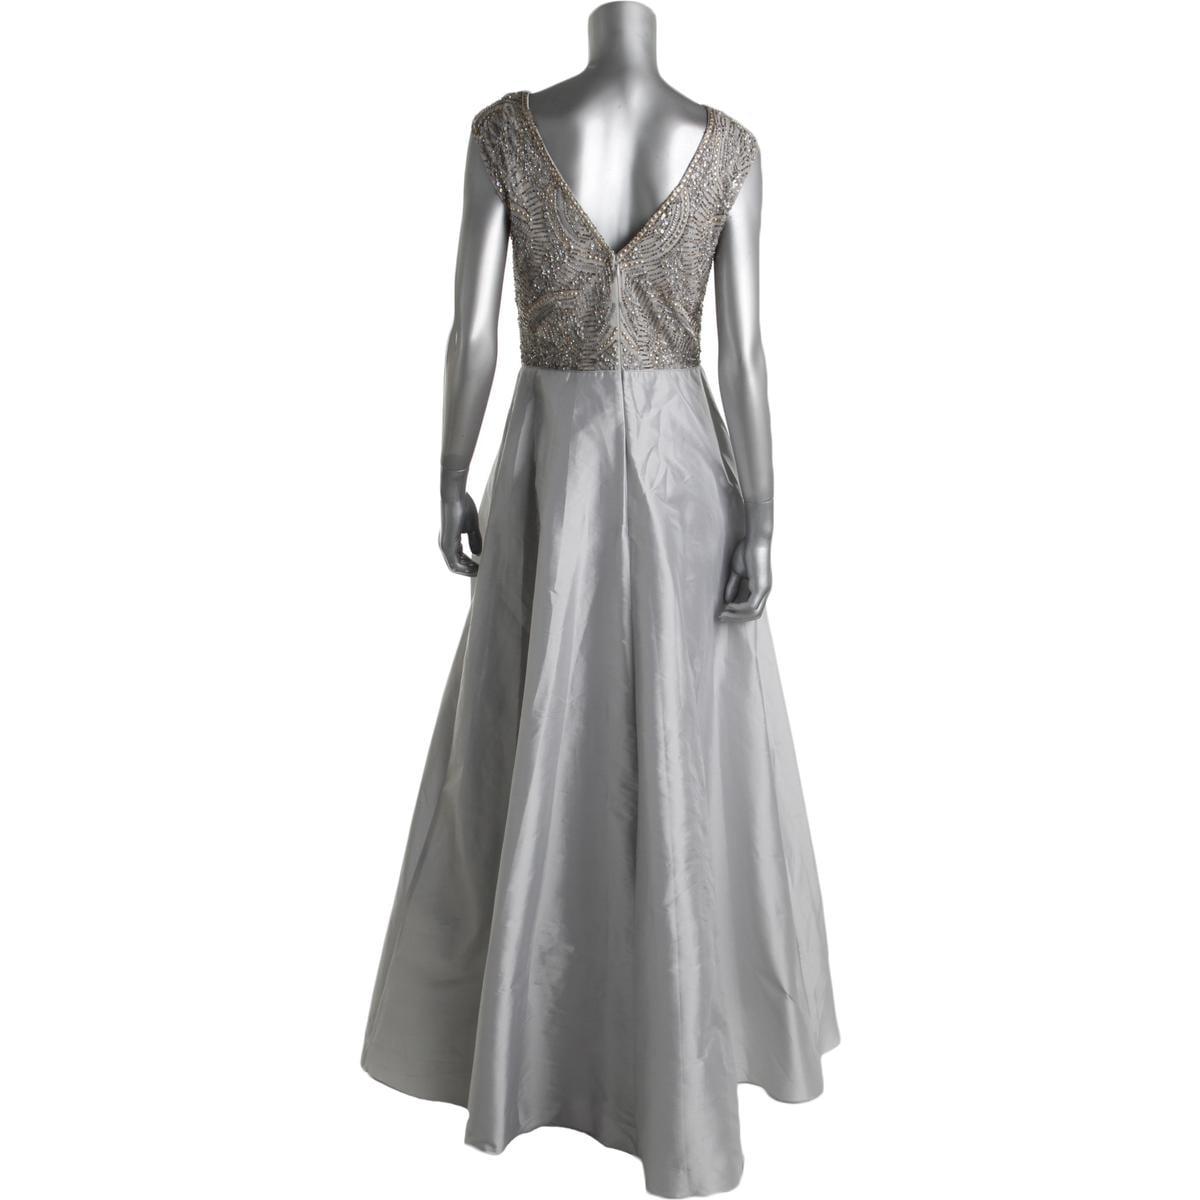 Aidan Mattox Womens Gray Off-The-Shoulder Evening Dress Gown 10 BHFO 8972